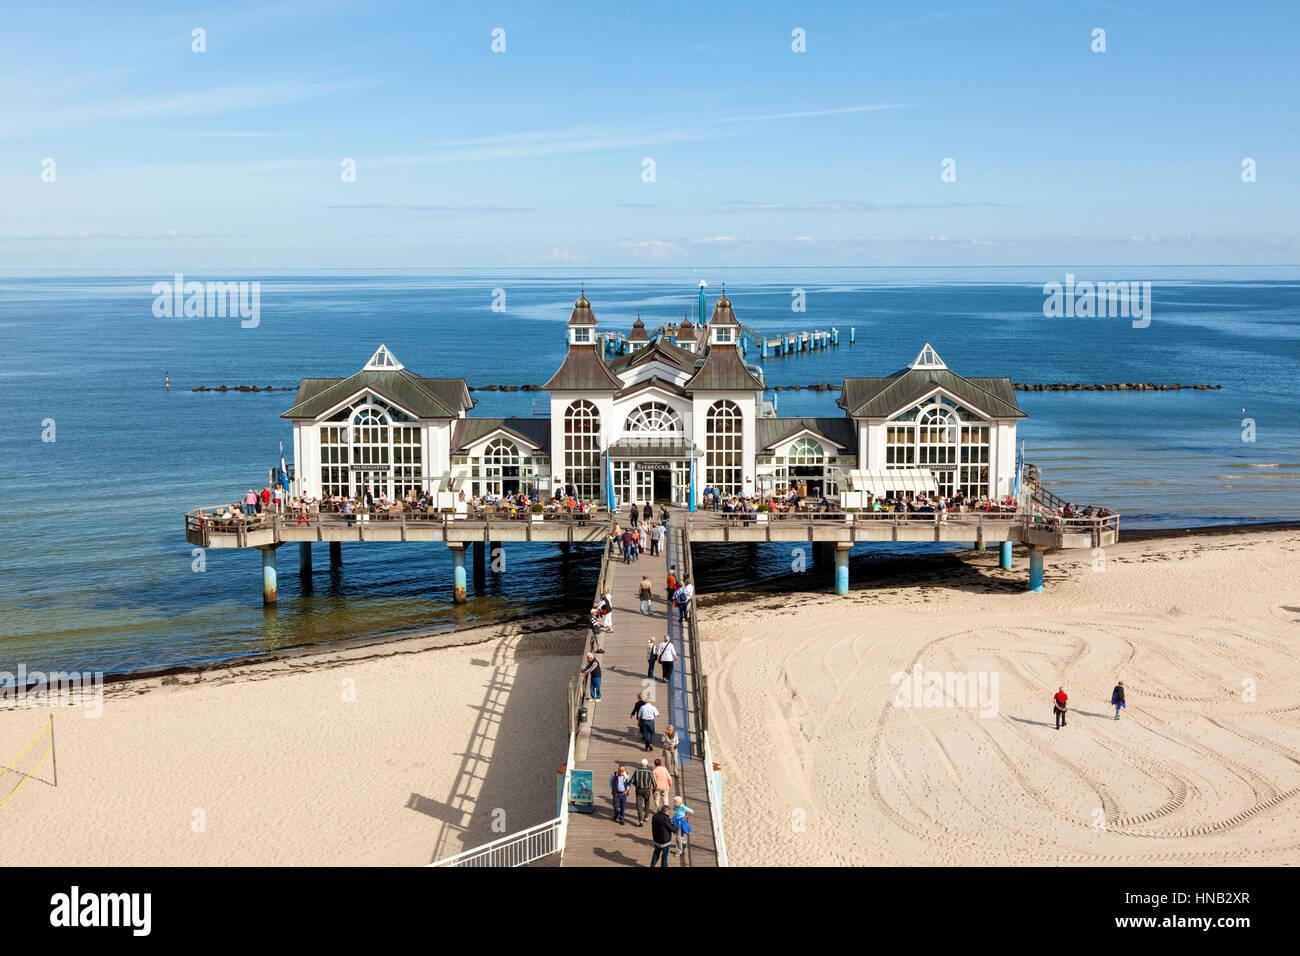 Sellin, Deutschland - 22. September 2016: Touristen in dem alten Pier am Strand Ostsee auf der Insel Rügen. Stockbild